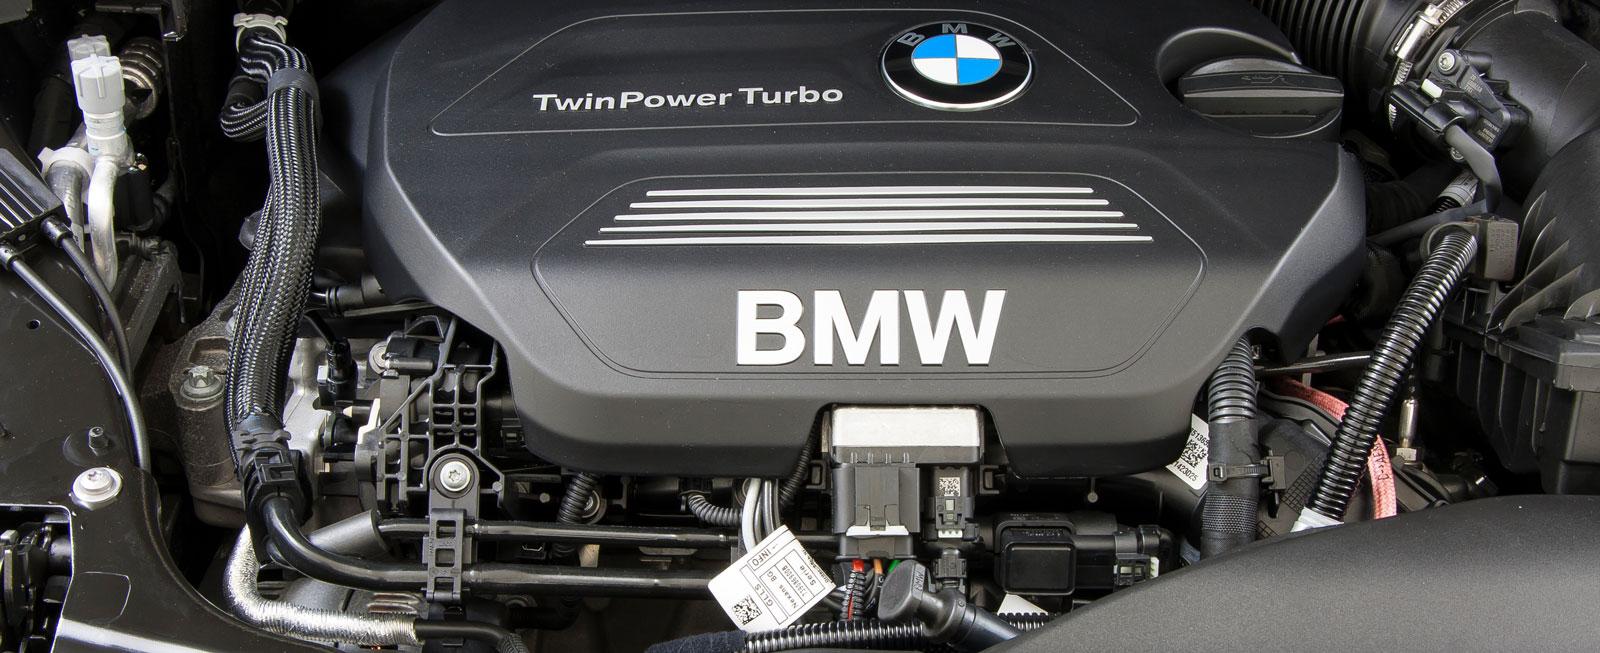 BMW:s 150-hästarsdiesel har lite rå karaktär på tomgång men är en mycket kultiverad motor under körning. Bra respons, låg förbrukning, utmärkt samarbete med automatlådan.